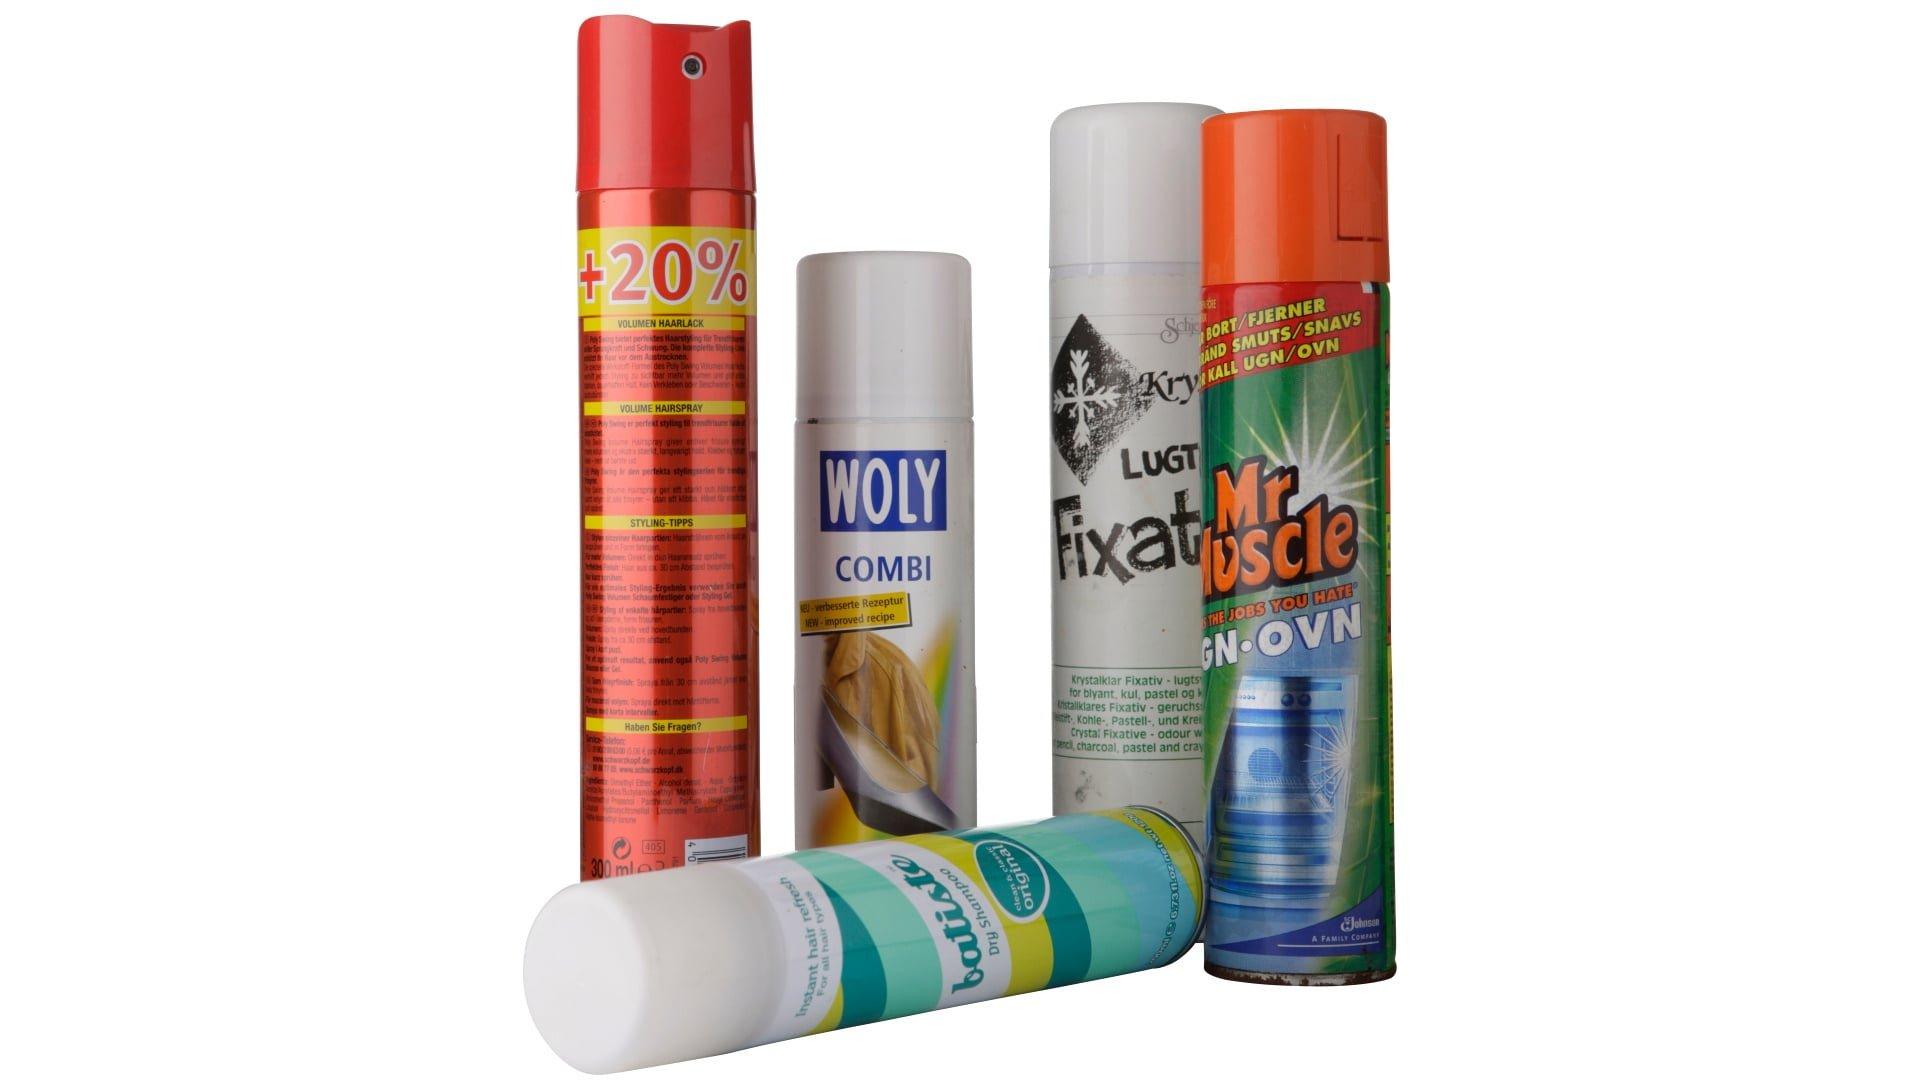 Spraydaser, hairspray og ovnrensampoo